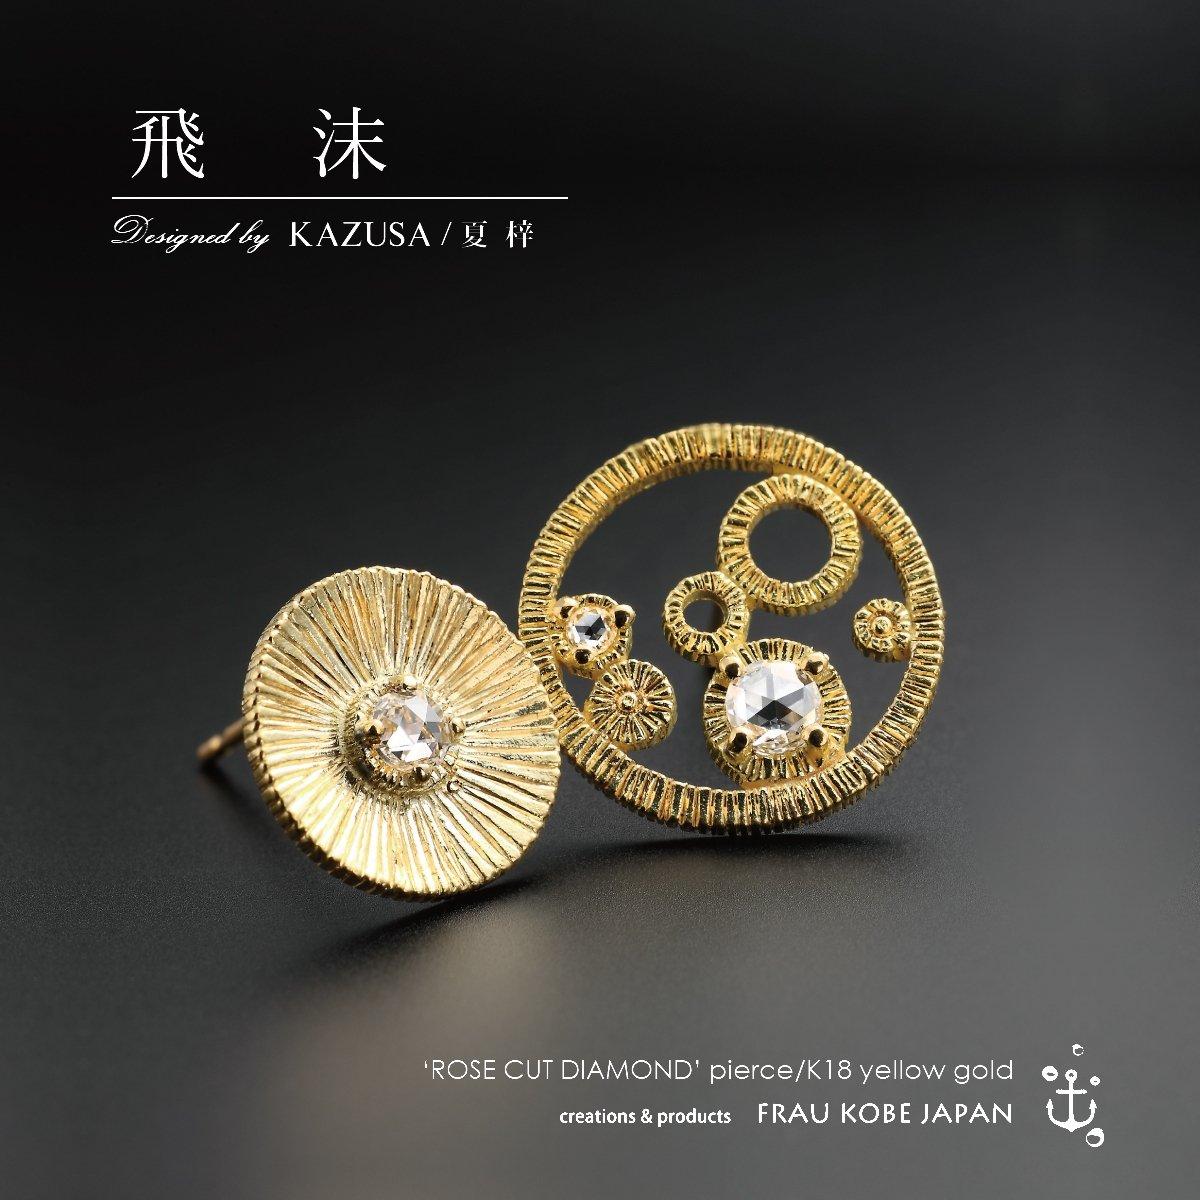 夏梓/KAZUSA 「飛沫/ひまつ」ダイアモンドピアス